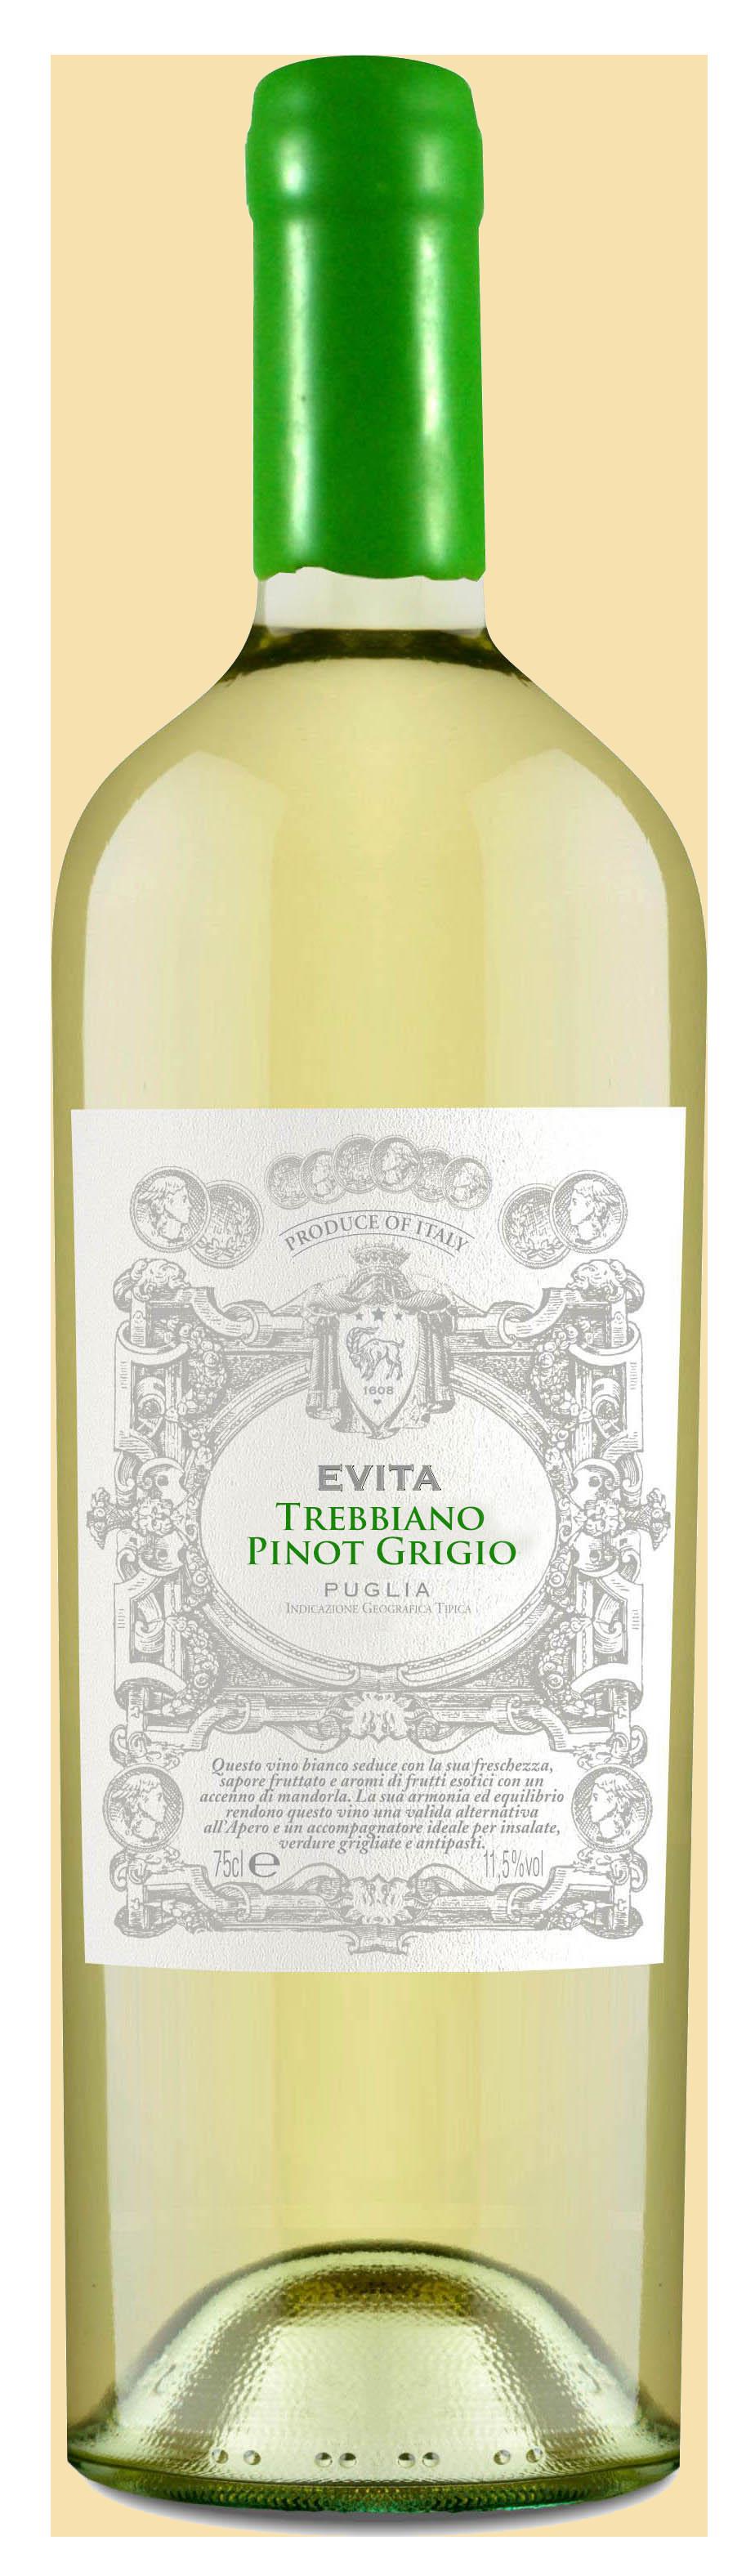 Abbildung-Evita-Trebbiano-Pinot-Grigio